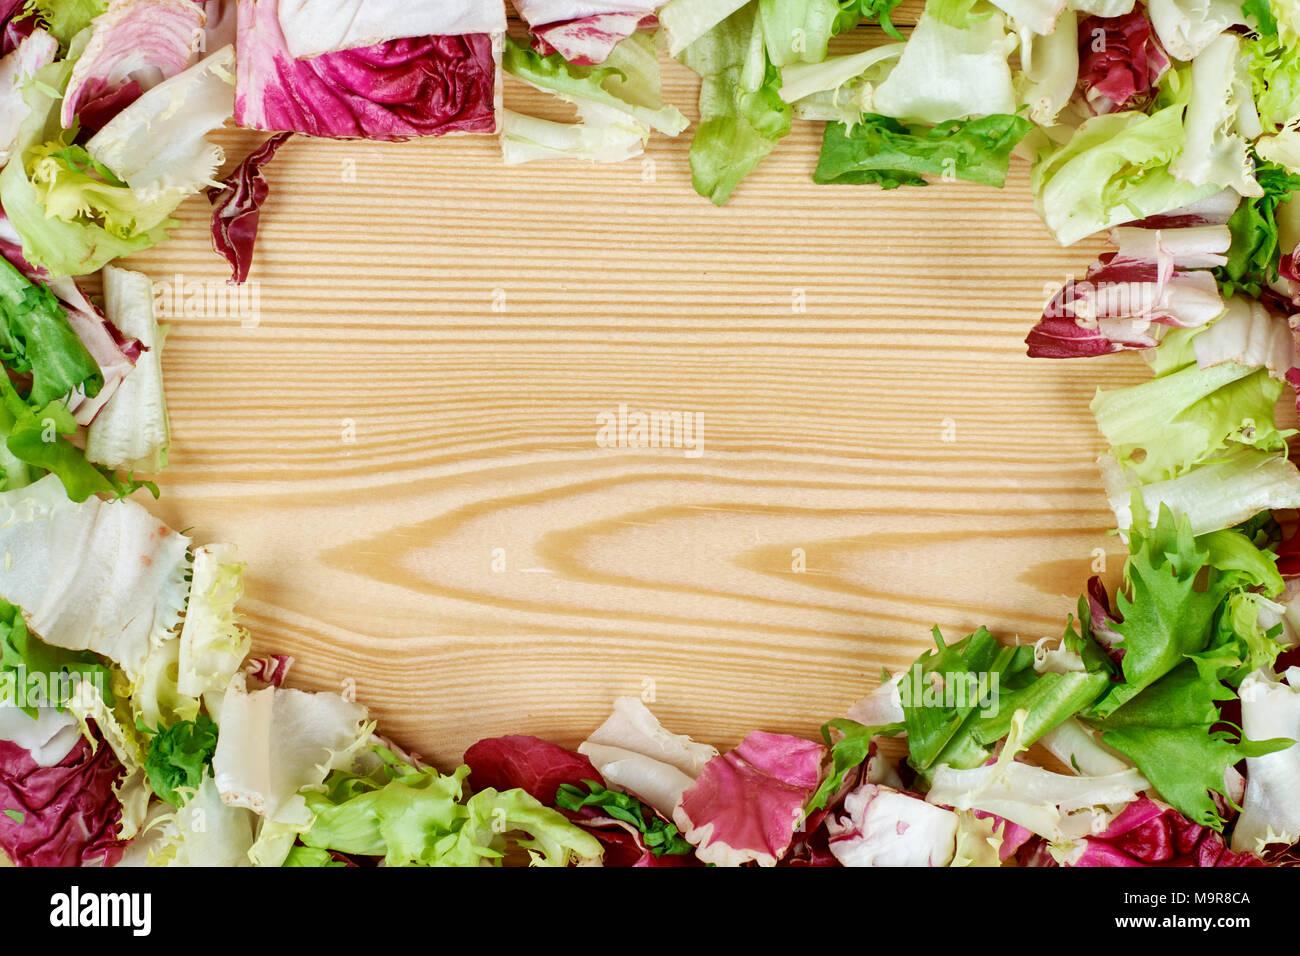 Telaio di fresca insalata verde su sfondo di legno. una sana cucina